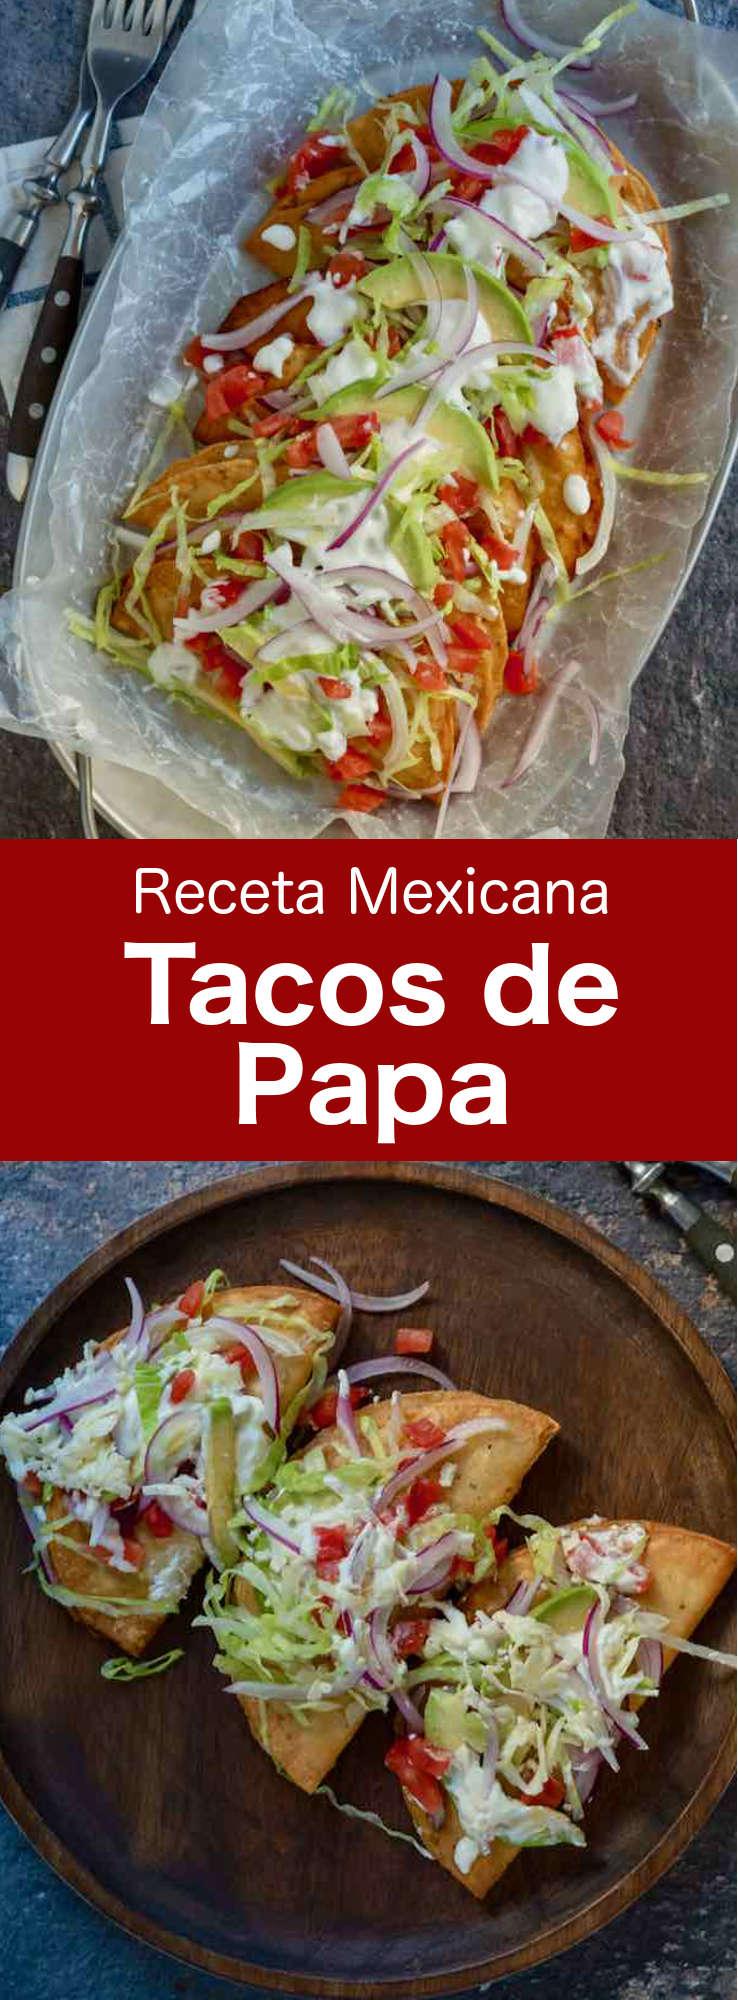 Los tacos de papa son crujientes tacos fritos rellenos con puré de patata sazonado y generosamente cubierto con queso panela, cebolla, tomate y lechuga.